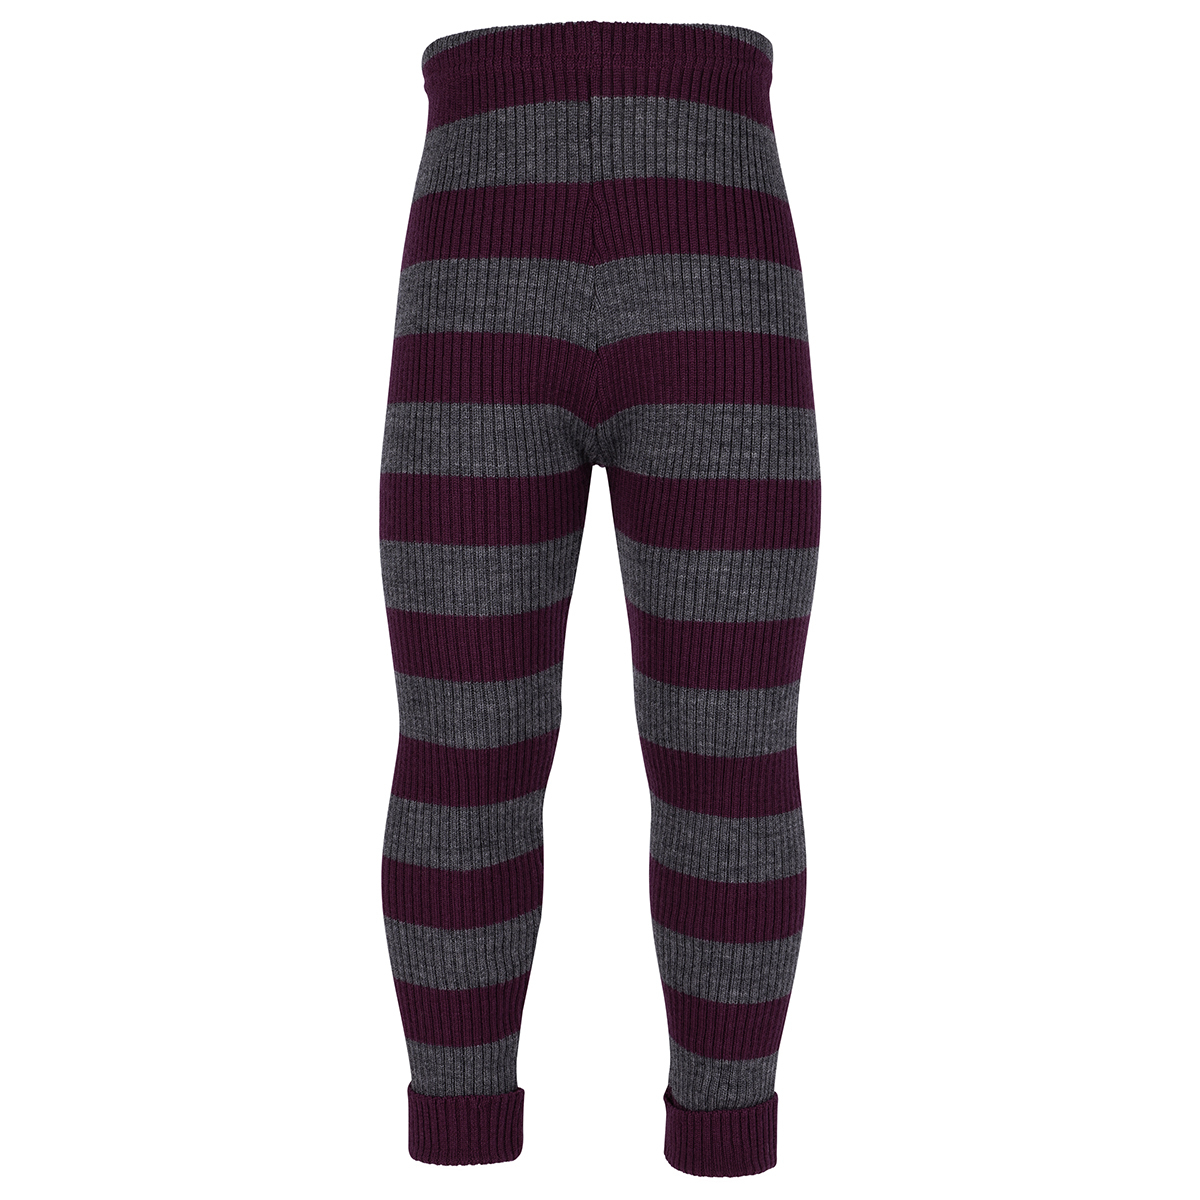 Ribbestrikket bukse, ull | Bukser, Ullklær, Barneklær